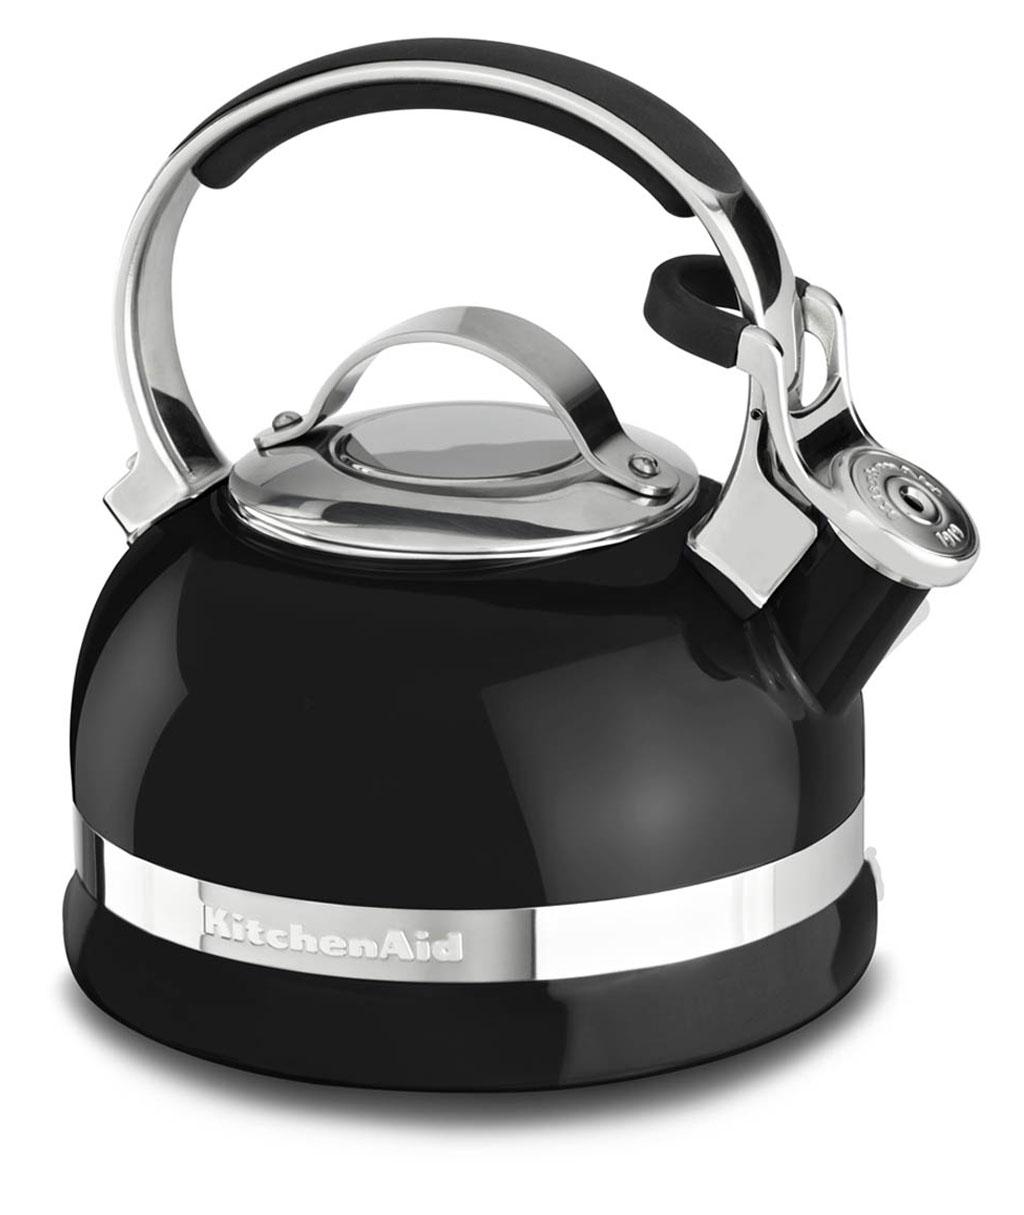 Чайник наплитный классический со свистком 1,89 л, черный, KTEN20SBOB, KitchenAidНаплитные чайники 1,89 л. <br>Наплитный чайник – это классика, которая никогда не выйдет из моды. Возможно, электрический чайник вскипятит воду быстрее, но он никогда не вызовет у вас это чувство доброй ностальгии по беззаботному детству. Не напомнит о бабулиных блинчиках с клубничным вареньем, о разговорах с родителями воскресным утром за неспешным чаепитием. Наплитному чайнику всегда найдётся место на вашей кухне!&#13;<br>Для ценителей этой тёплой традиции – чаепития из настоящего чайника, компания KitchenAid приготовила новинку – эффектный наплитный чайник со свистком!&#13;<br>&#13;<br>С помощью наплитного чайника KitchenAid вы сможете вскипятить воду для любимого чая, для утренней каши, приготовить кофе во френч-прессе или методом пуровер.&#13;<br>Сверкающая цветная эмаль, которой покрыт чайник, устойчива к механическим повреждениям, не царапается и не тускнеет.&#13;<br>Крышка чайника легко снимается, благодаря чему его удобно наполнять и мыть.&#13;<br>Фирменная расцветка KitchenAid сделает ваш новый чайник не просто бытовым прибором, а настоящим украшением кухни!&#13;<br>Благодаря громкому свистку, чайник может стать удачным подарком для человека в возрасте: закипание воды не останется незамеченным и чайник будет вовремя снят с плиты.&#13;<br>Прочная ручка из нержавеющей стали покрыта нескользящими и ненагревающимися накладками, которые обеспечивают надёжный и безопасный захват чайника.&#13;<br>С помощью специального рычажка крышка носика приподнимается для удобного наливания воды – без разбрызгивания.&#13;<br>Чайник подходит для использования на индукционных плитах.&#13;<br><br>